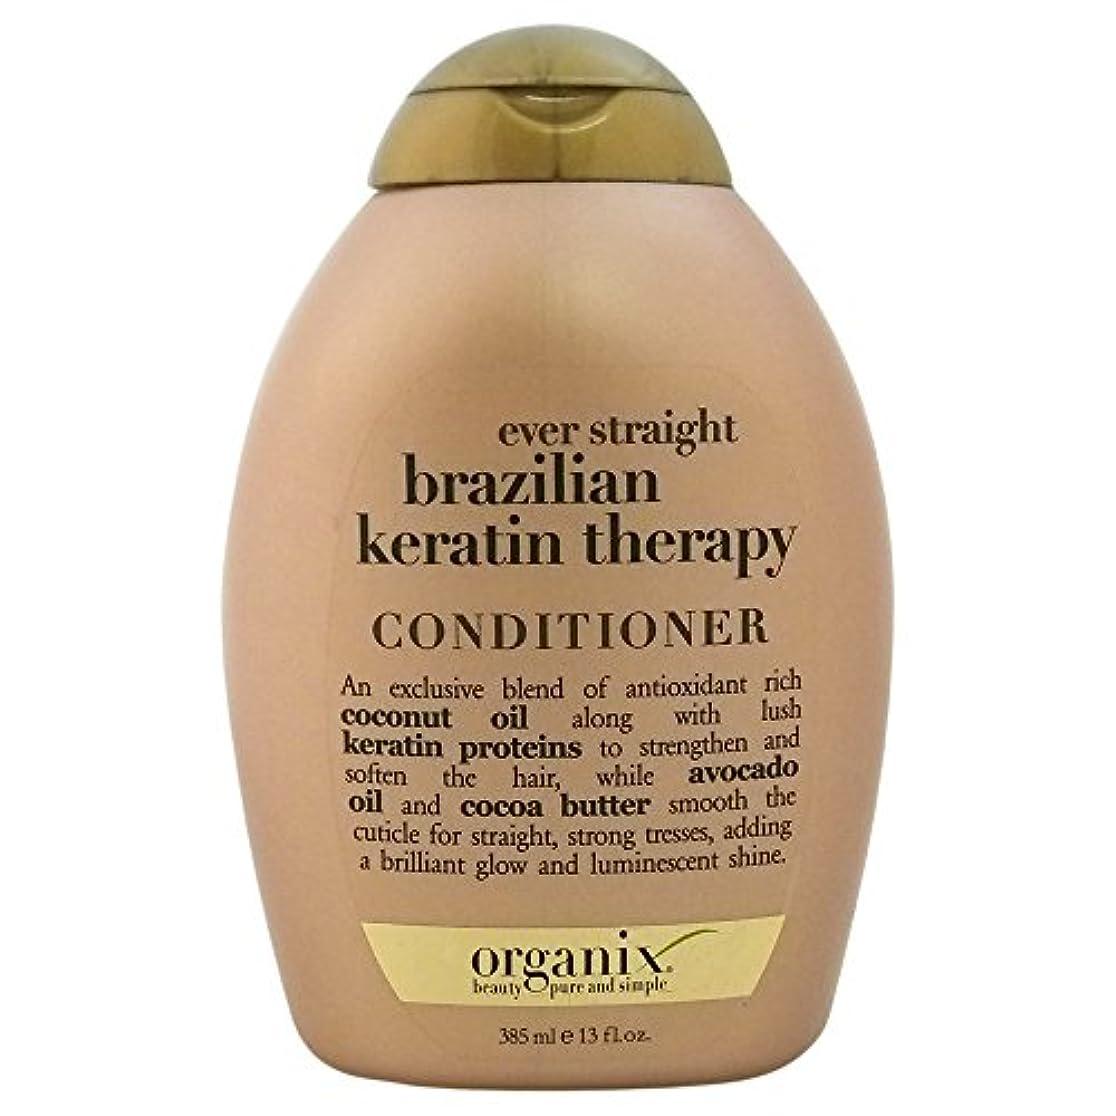 信頼性司法いちゃつくOrganix Conditioner Brazilian Keratin Therapy 385 ml (並行輸入品)